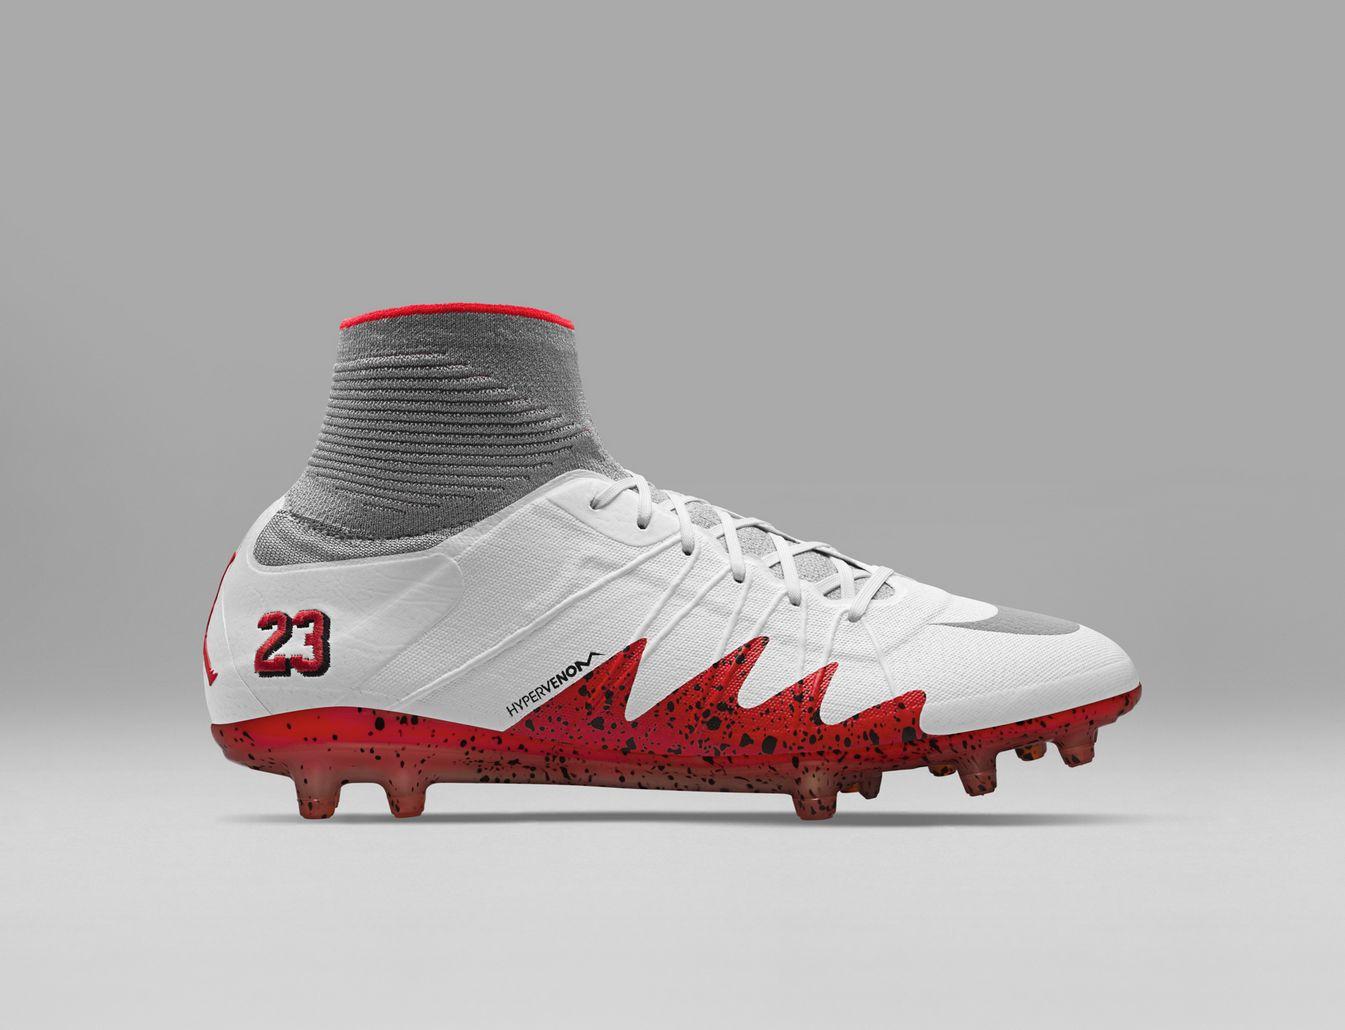 new concept 7b1bf 23ae1 Nuevo color para los Hypervenom Phantom Neymar x Jordan  Foto Nike